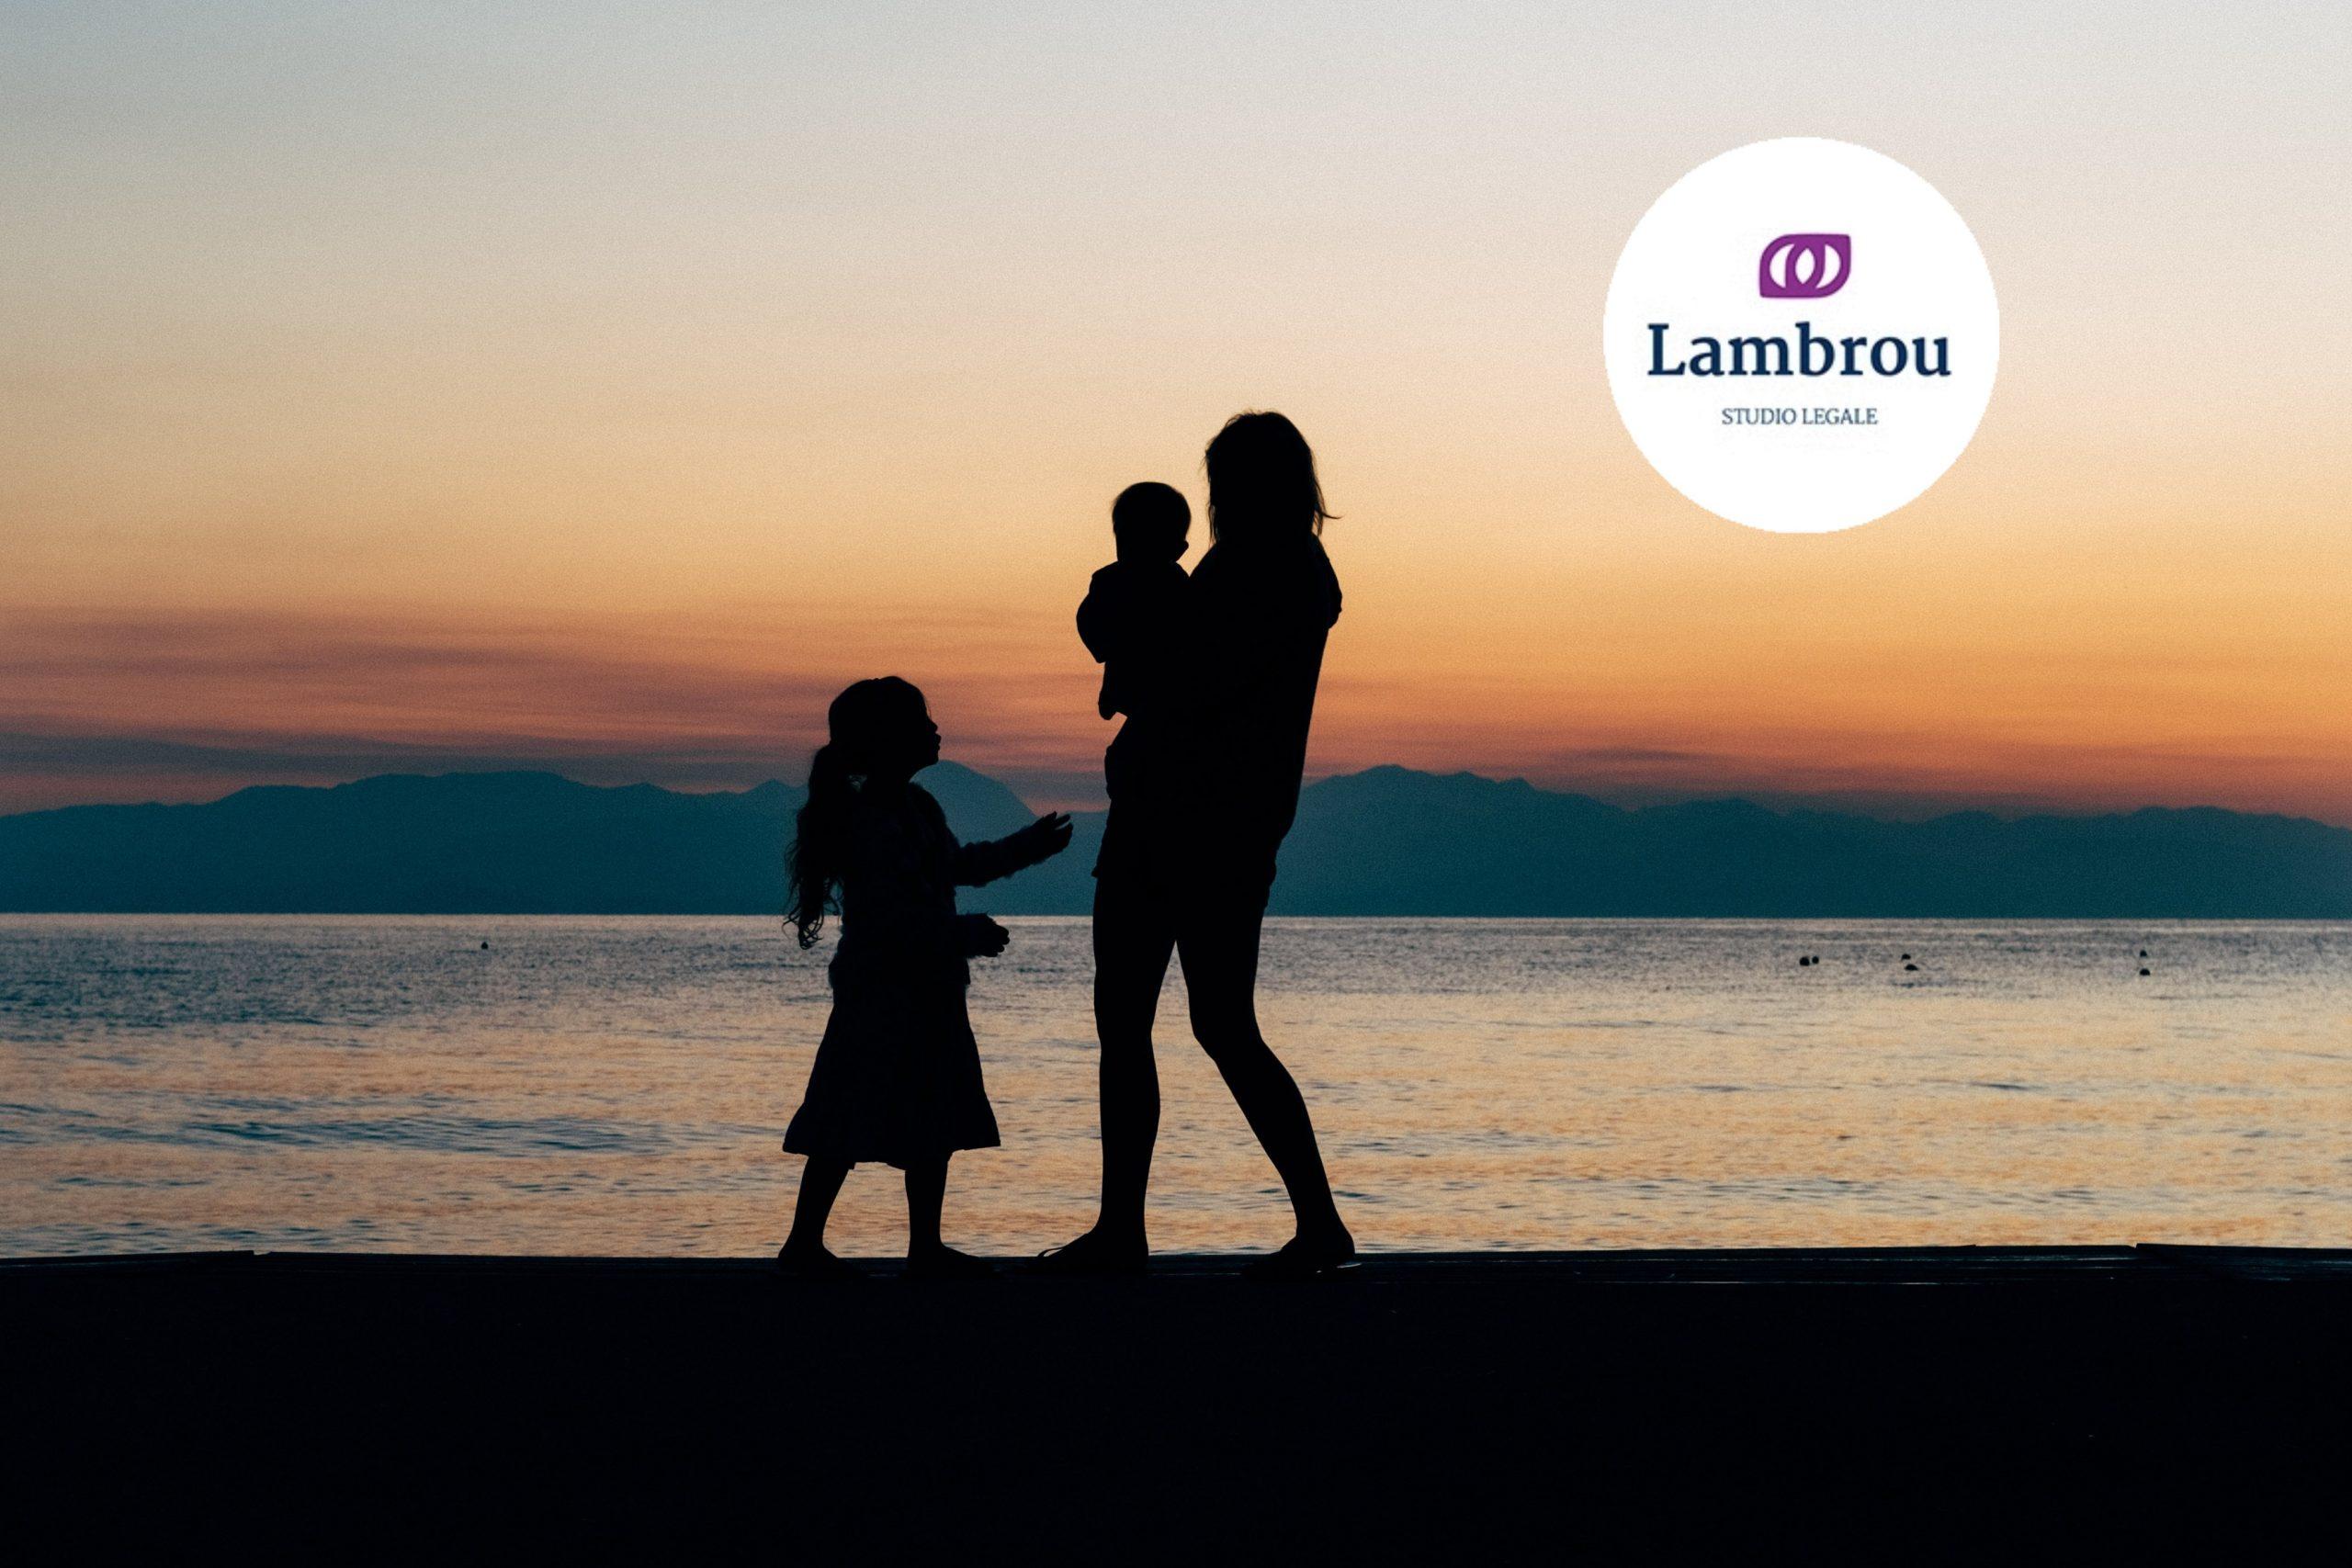 PRATICA LAVORO 19/2020 – Il lavoro part-time: diritti e condizioni – Avv. Monica Lambrou